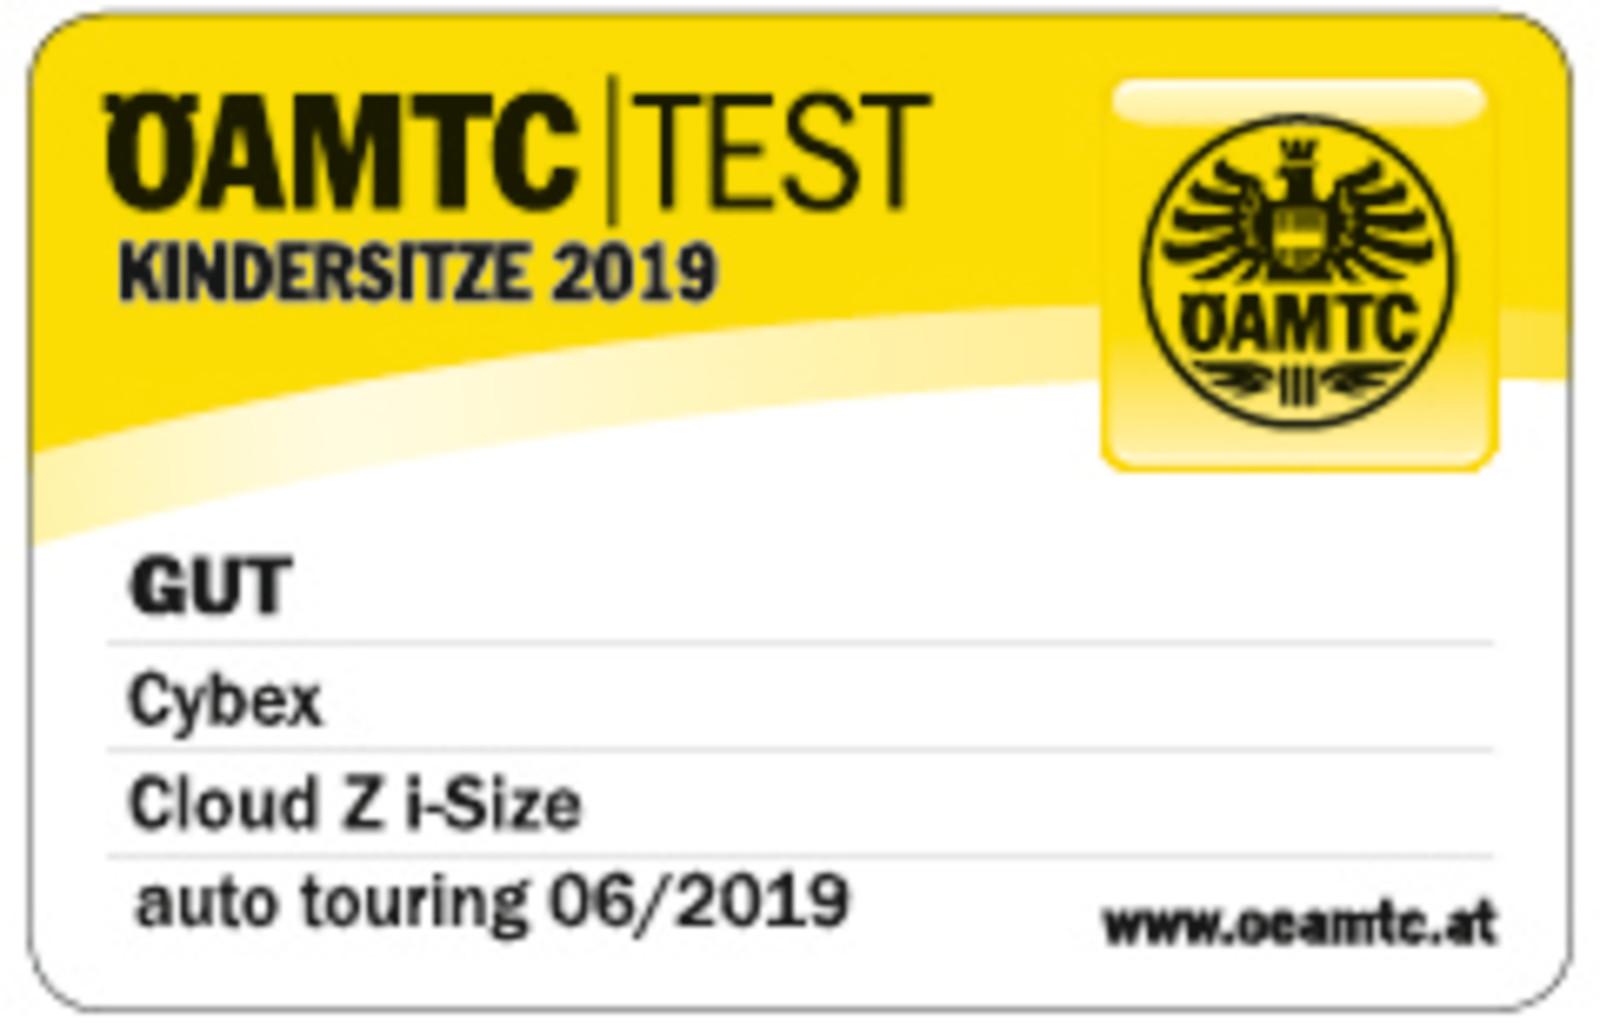 award_cloud-z-i-size_oamtc